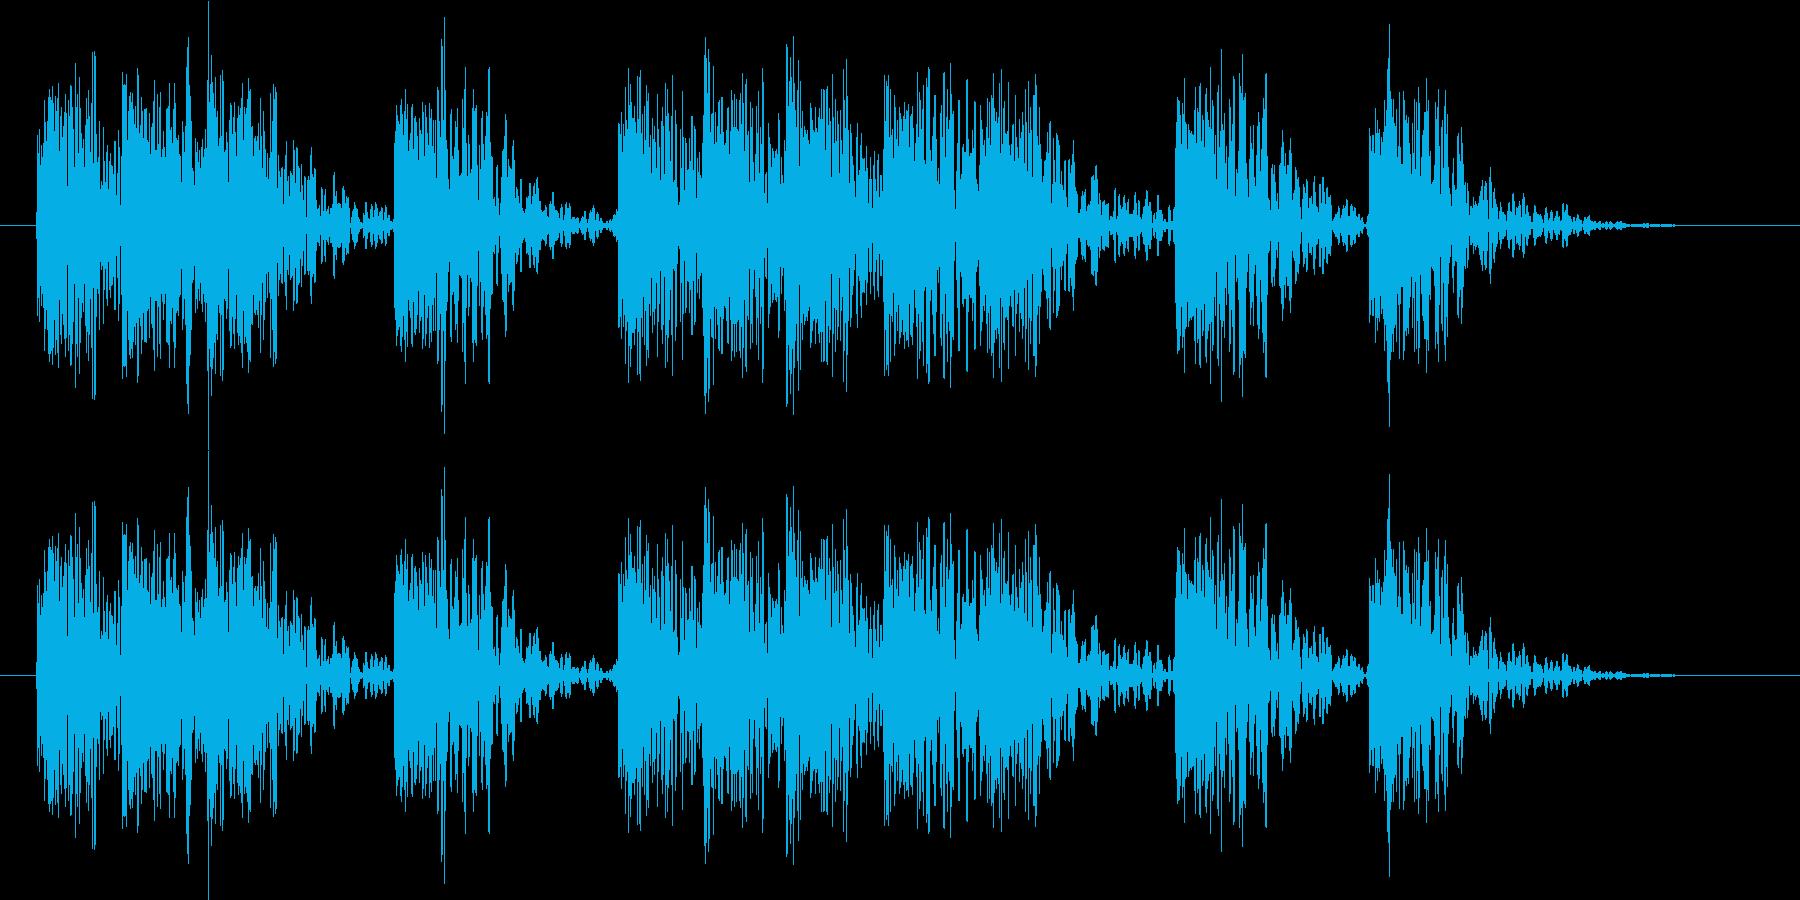 【エレキギター】ザクザク ブラッシング音の再生済みの波形